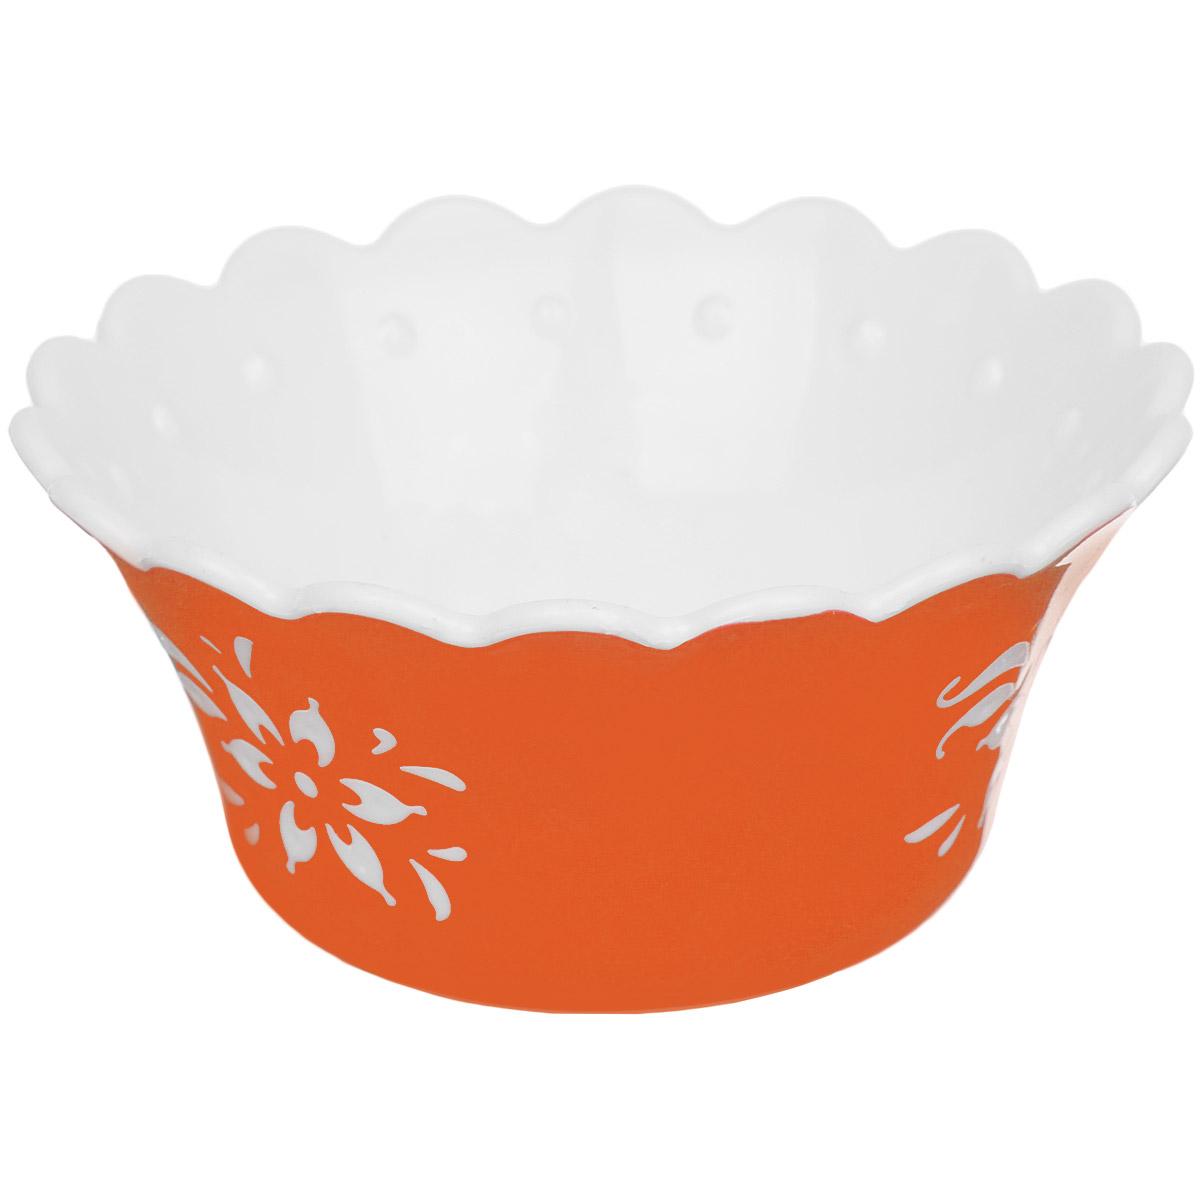 Емкость для варенья Альтернатива Премьера, цвет: оранжевый, 150 млM2216Емкость для варенья Альтернатива Премьера выполнена из высококачественного пластика и оформлена узором. Емкость имеет прозрачную крышку и, несомненно, понравится любителям классического стиля. Такая емкость украсит ваш праздничный или обеденный стол, а яркое оформление понравится любой хозяйке.